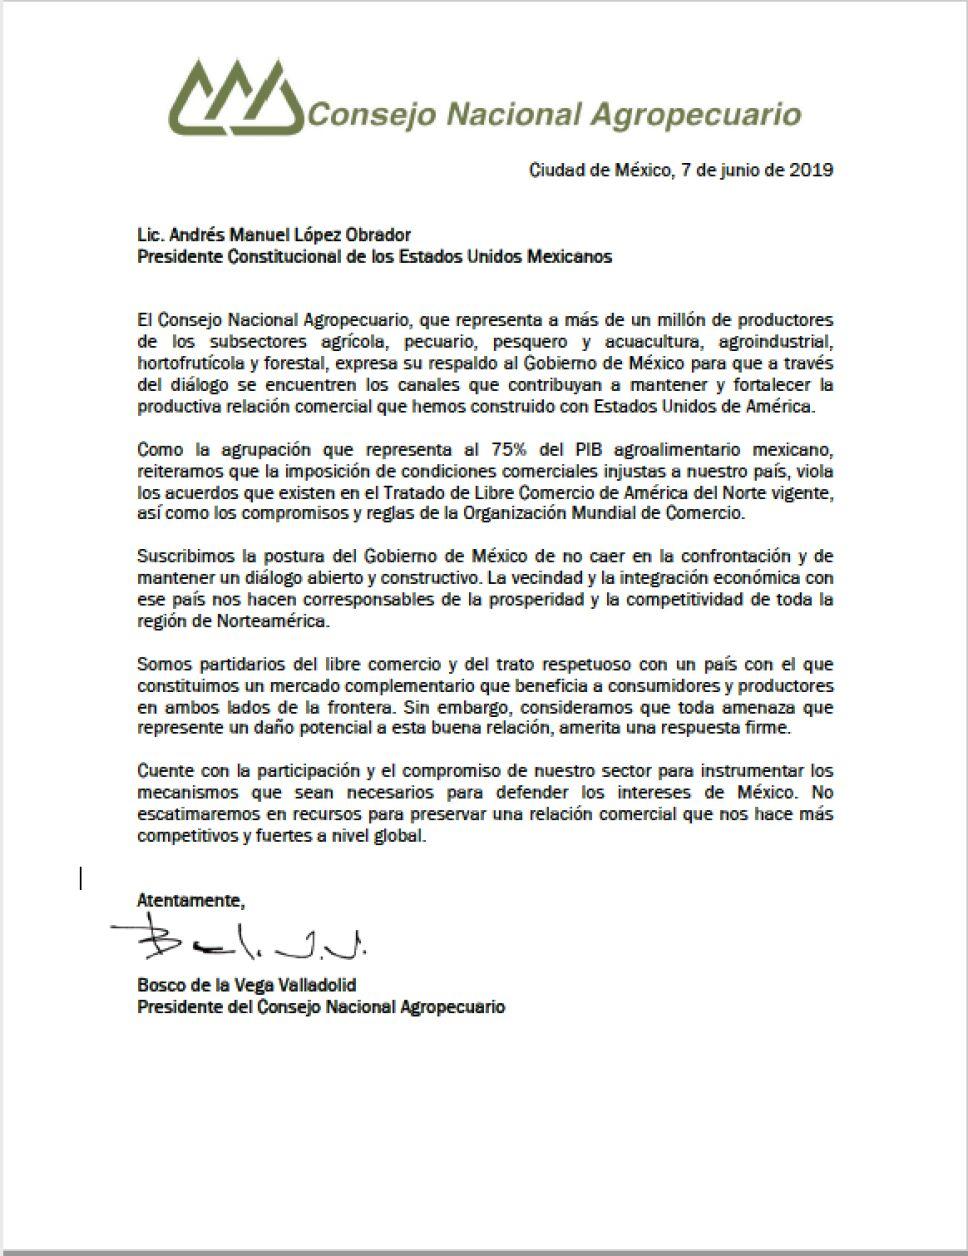 Consejo Nacional Agropecuario envía carta de apoyo a López Obrador por aranceles